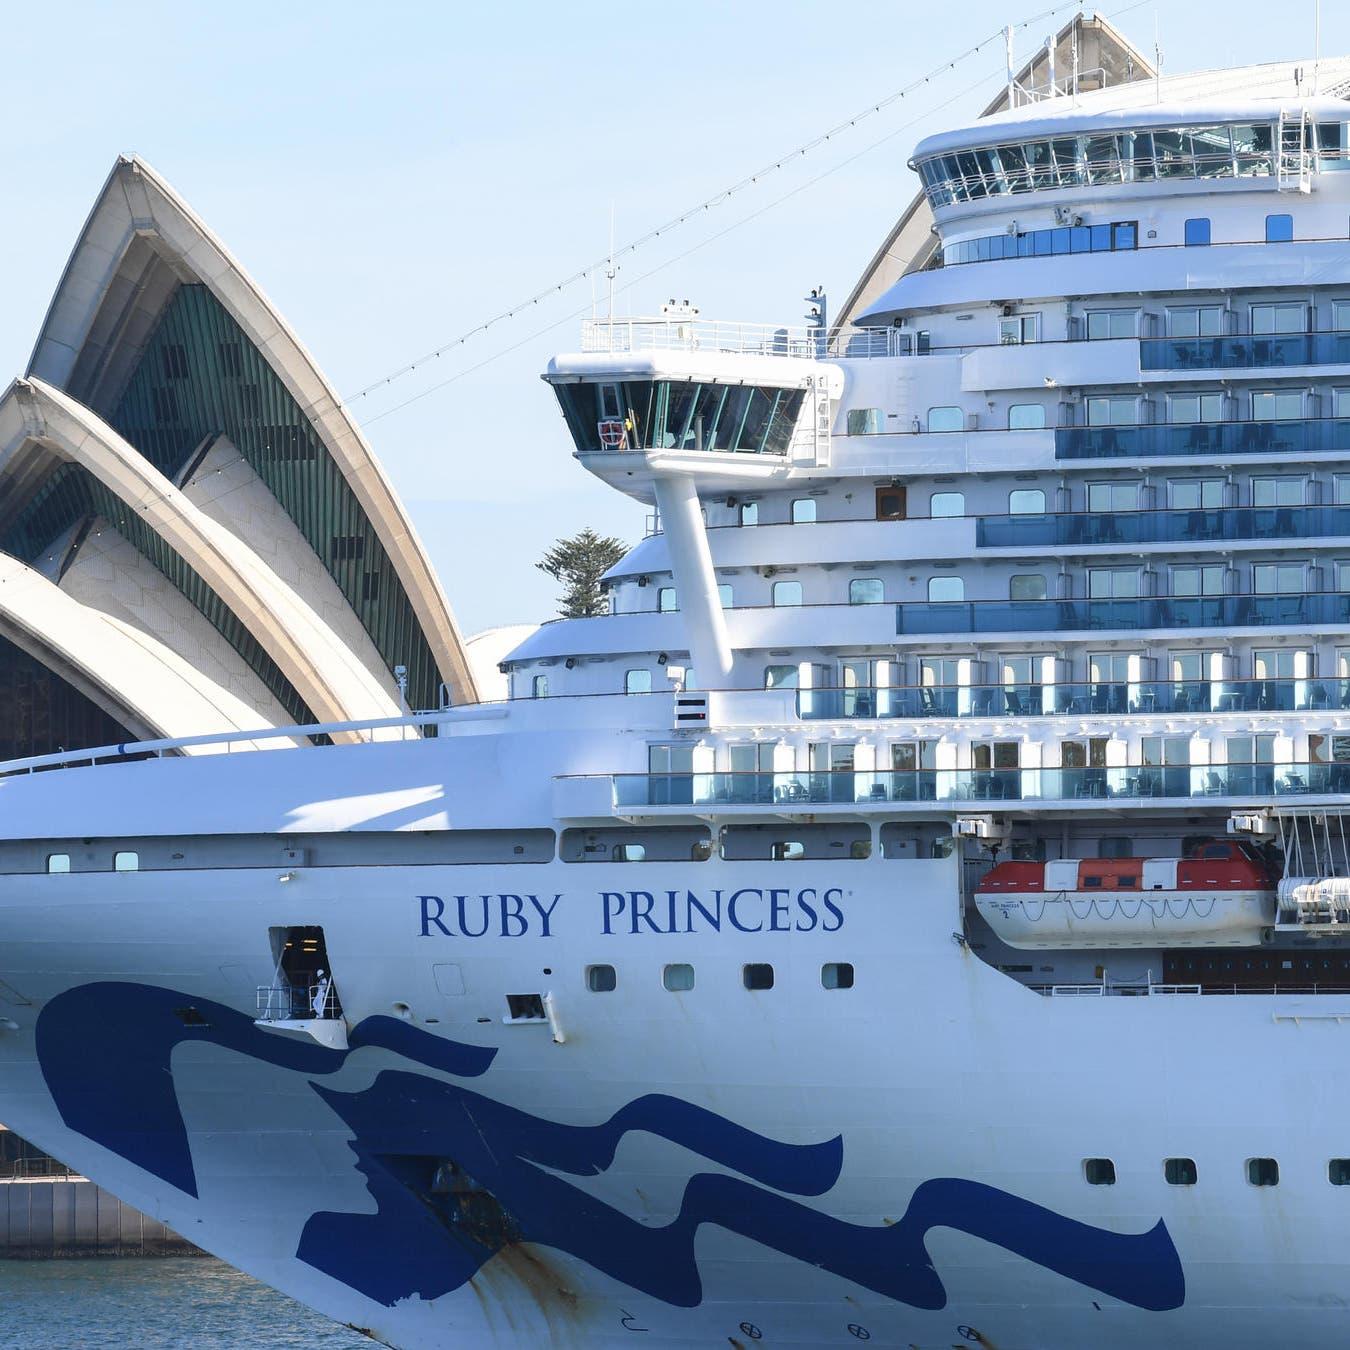 """السفينة المنكوبة بكورونا """" روبي برنسيس """" ترسو بأستراليا"""